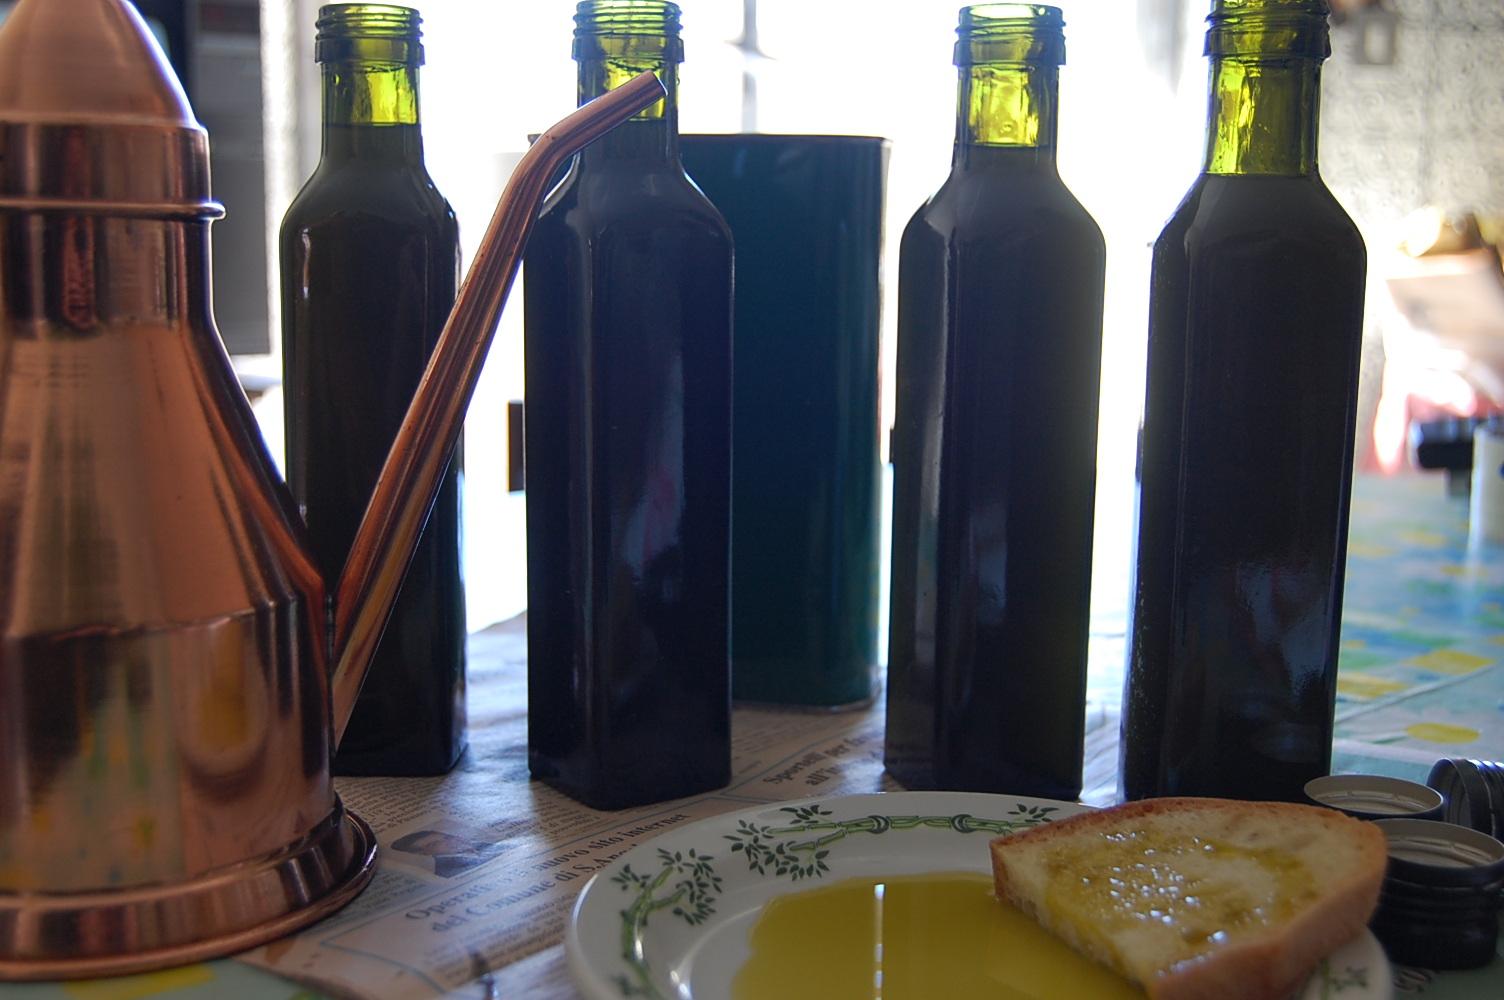 オリーブオイル瓶詰め中 バゥ_d0084229_22431441.jpg